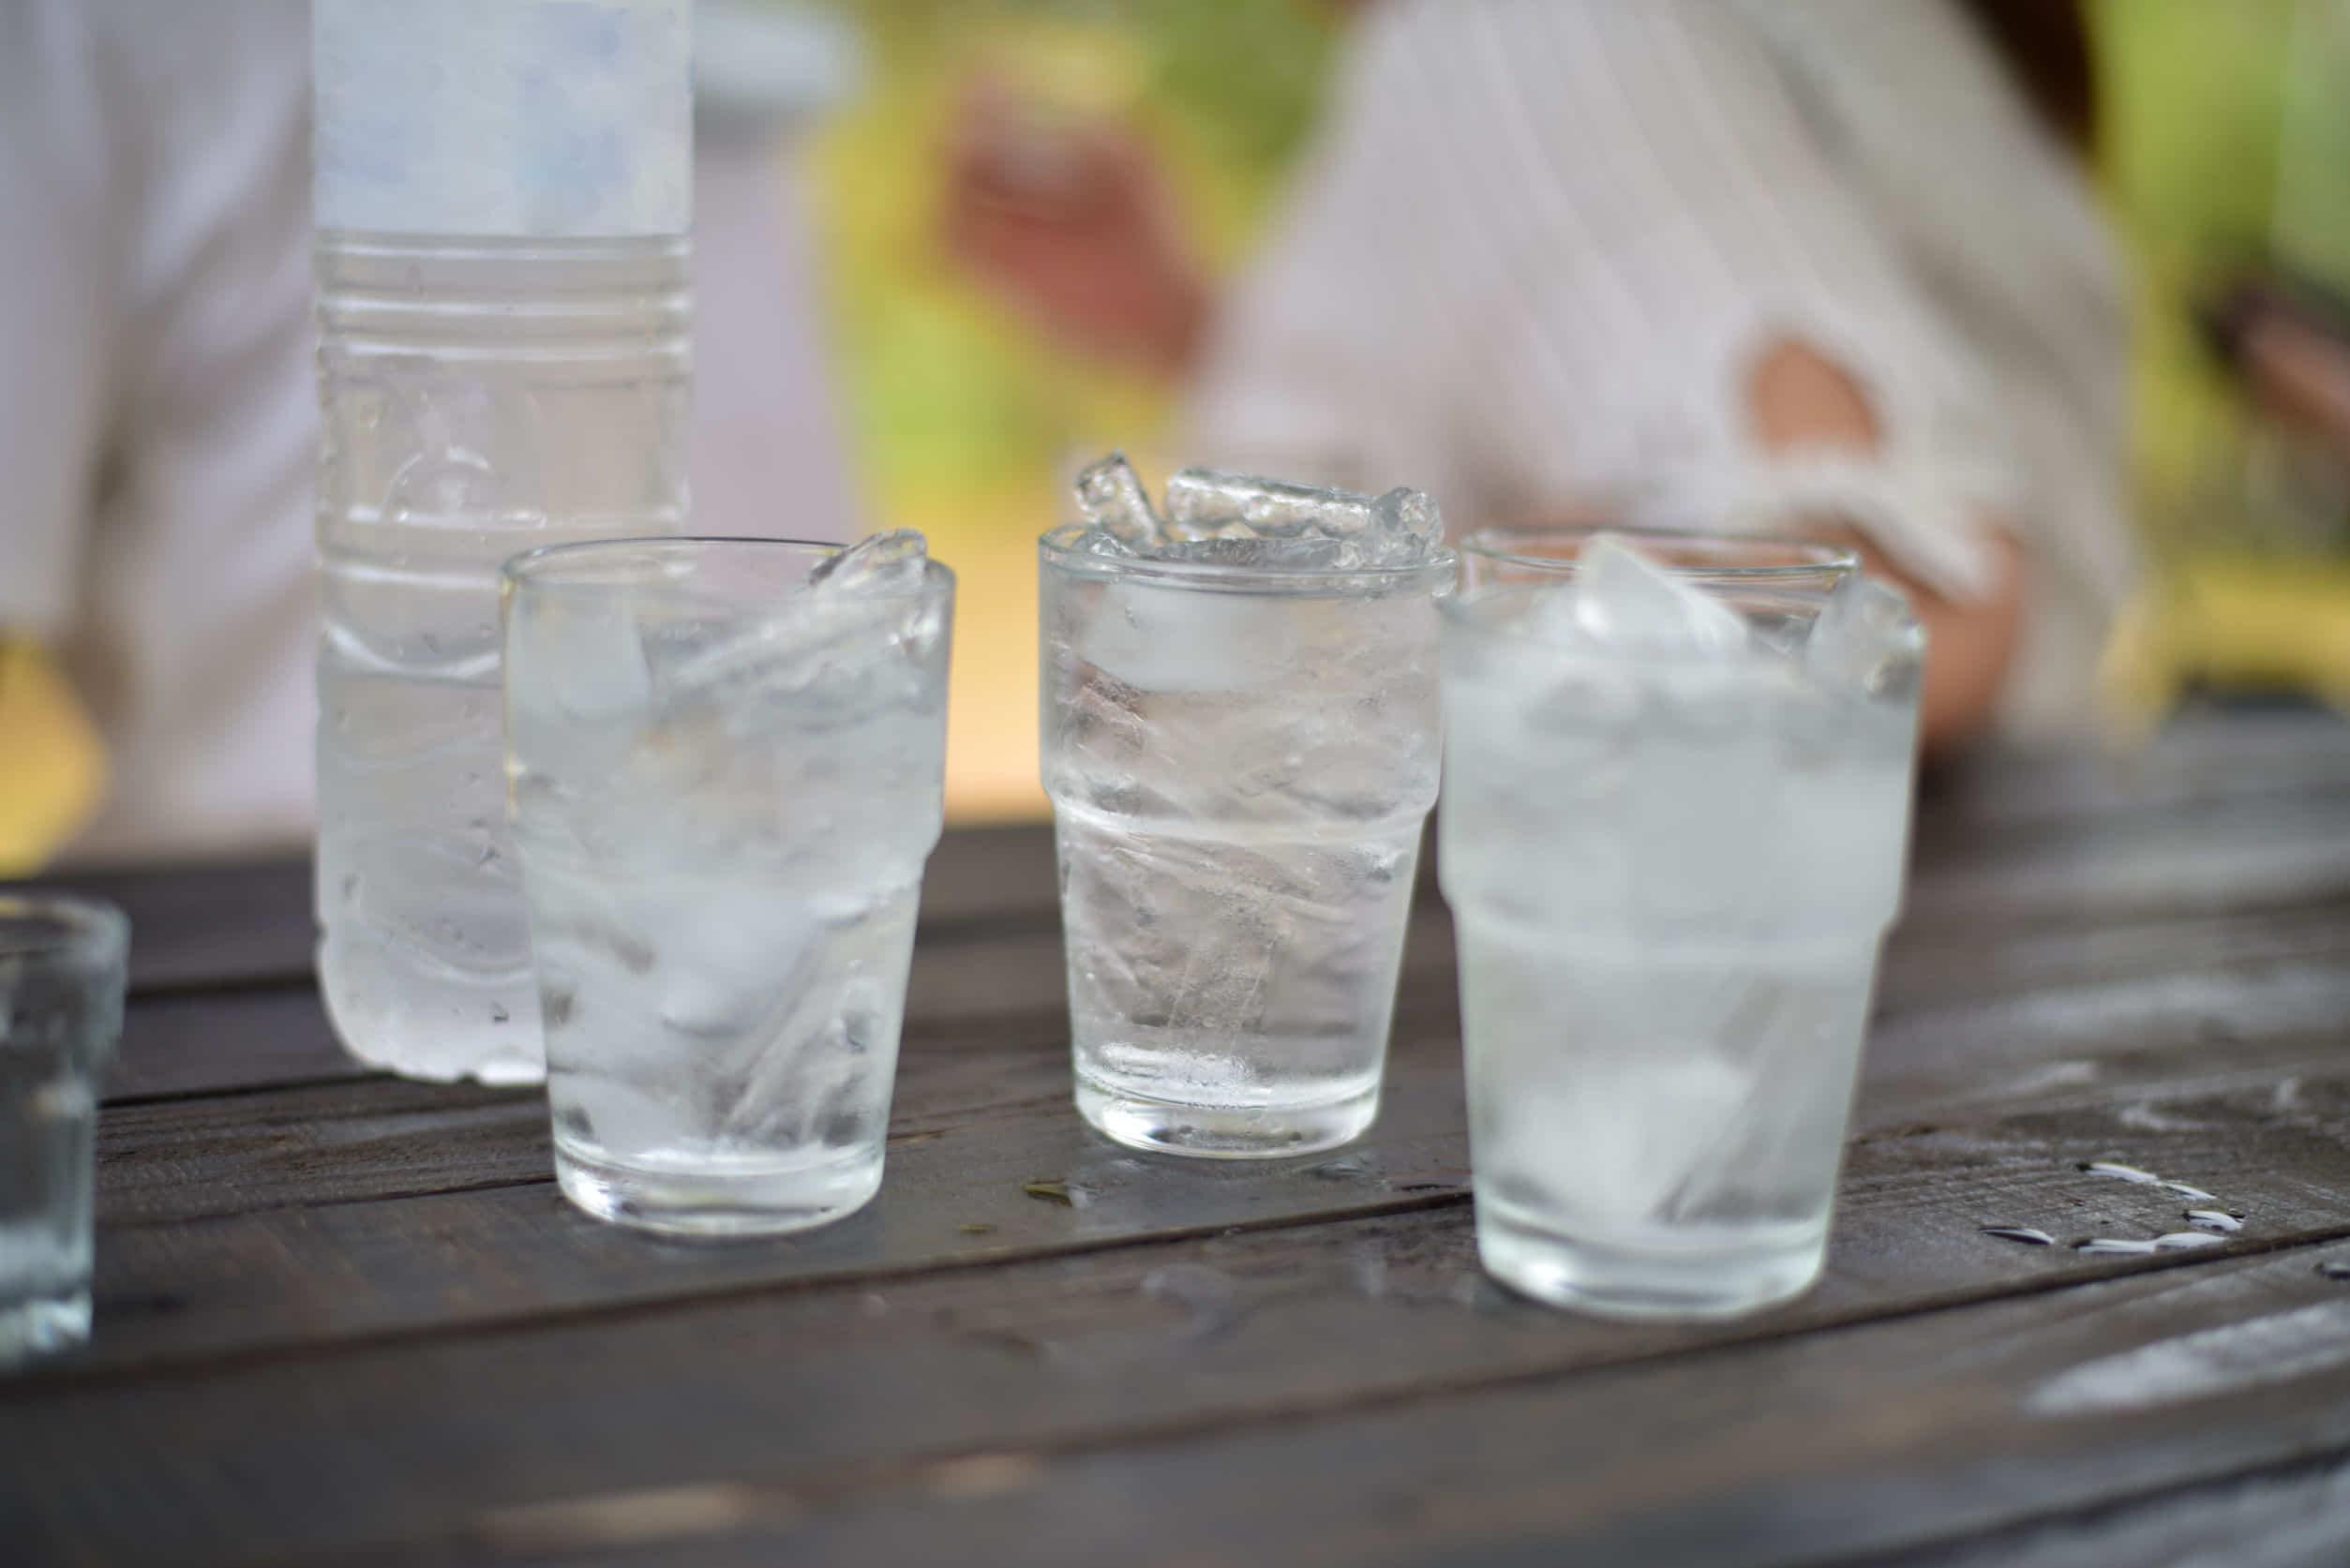 ハムスターに氷や冷水を与えても大丈夫?暑さ対策をしっかりしよう!